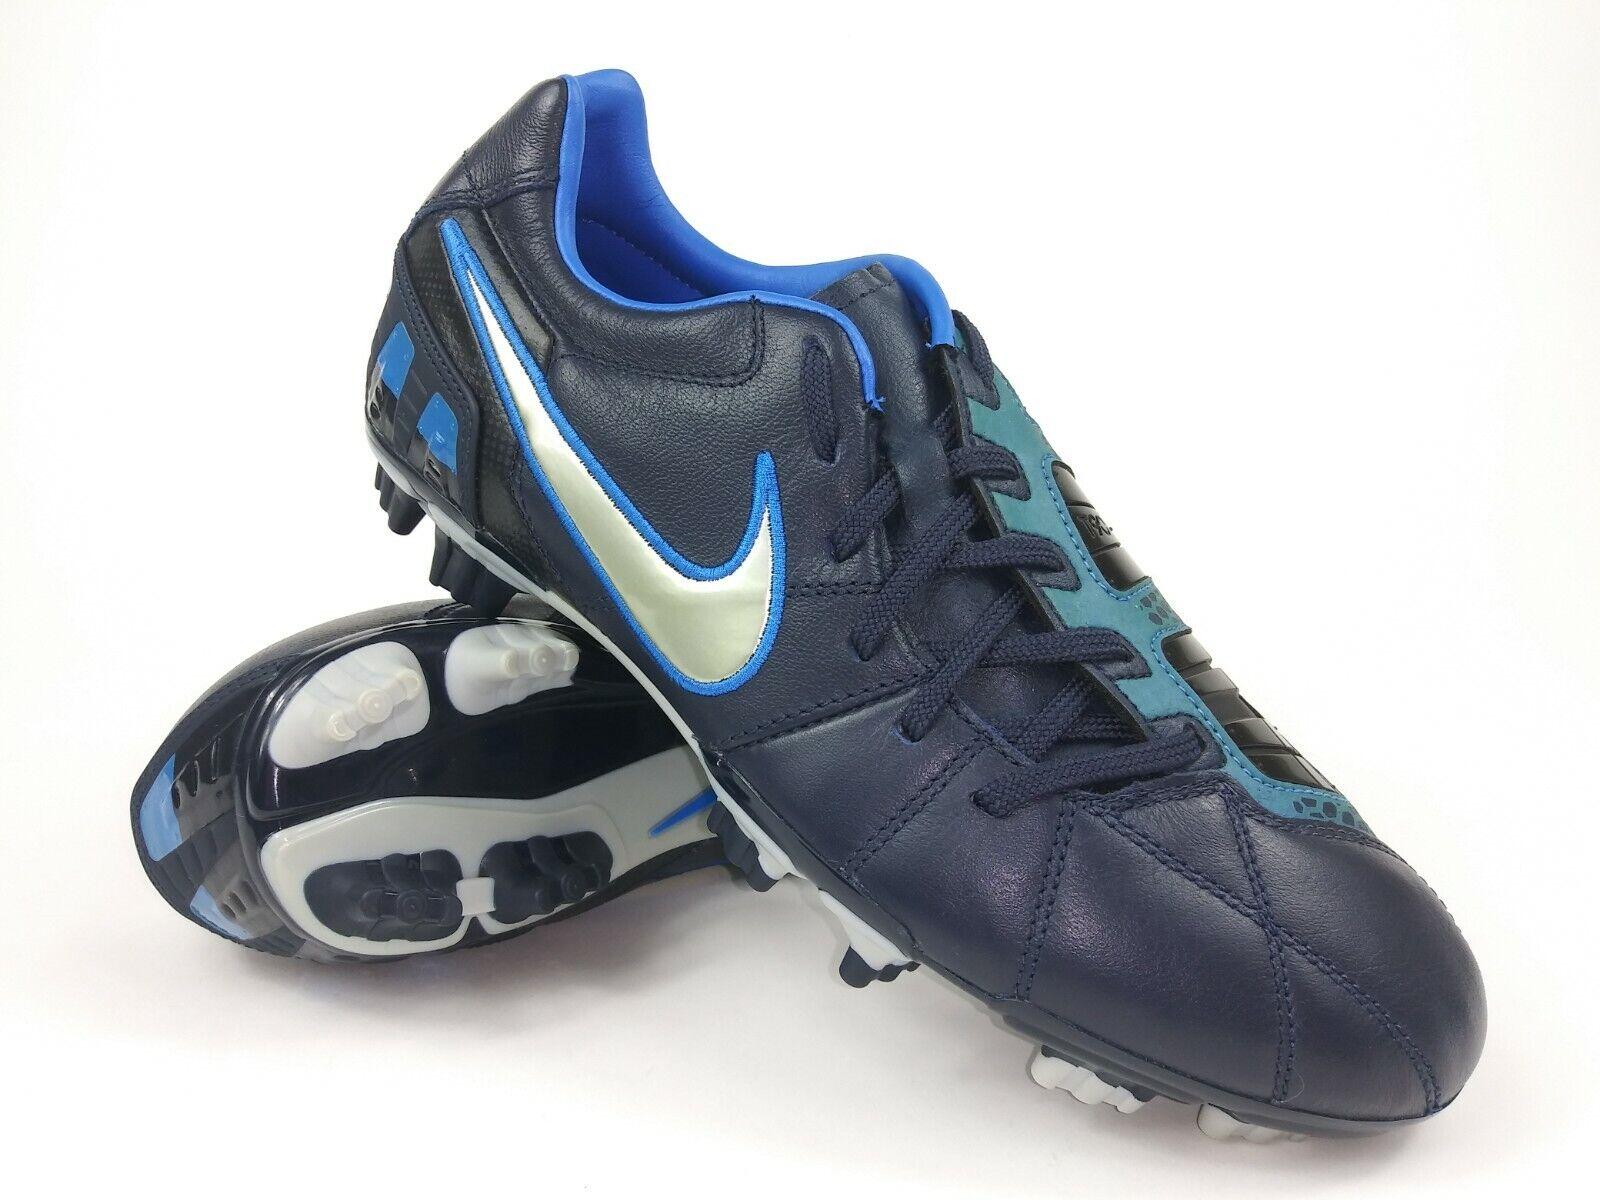 Nike Hombre Raro total 90 disparar Lll L-fg 385401-404 Negro Azul Botines De Fútbol Talla 8